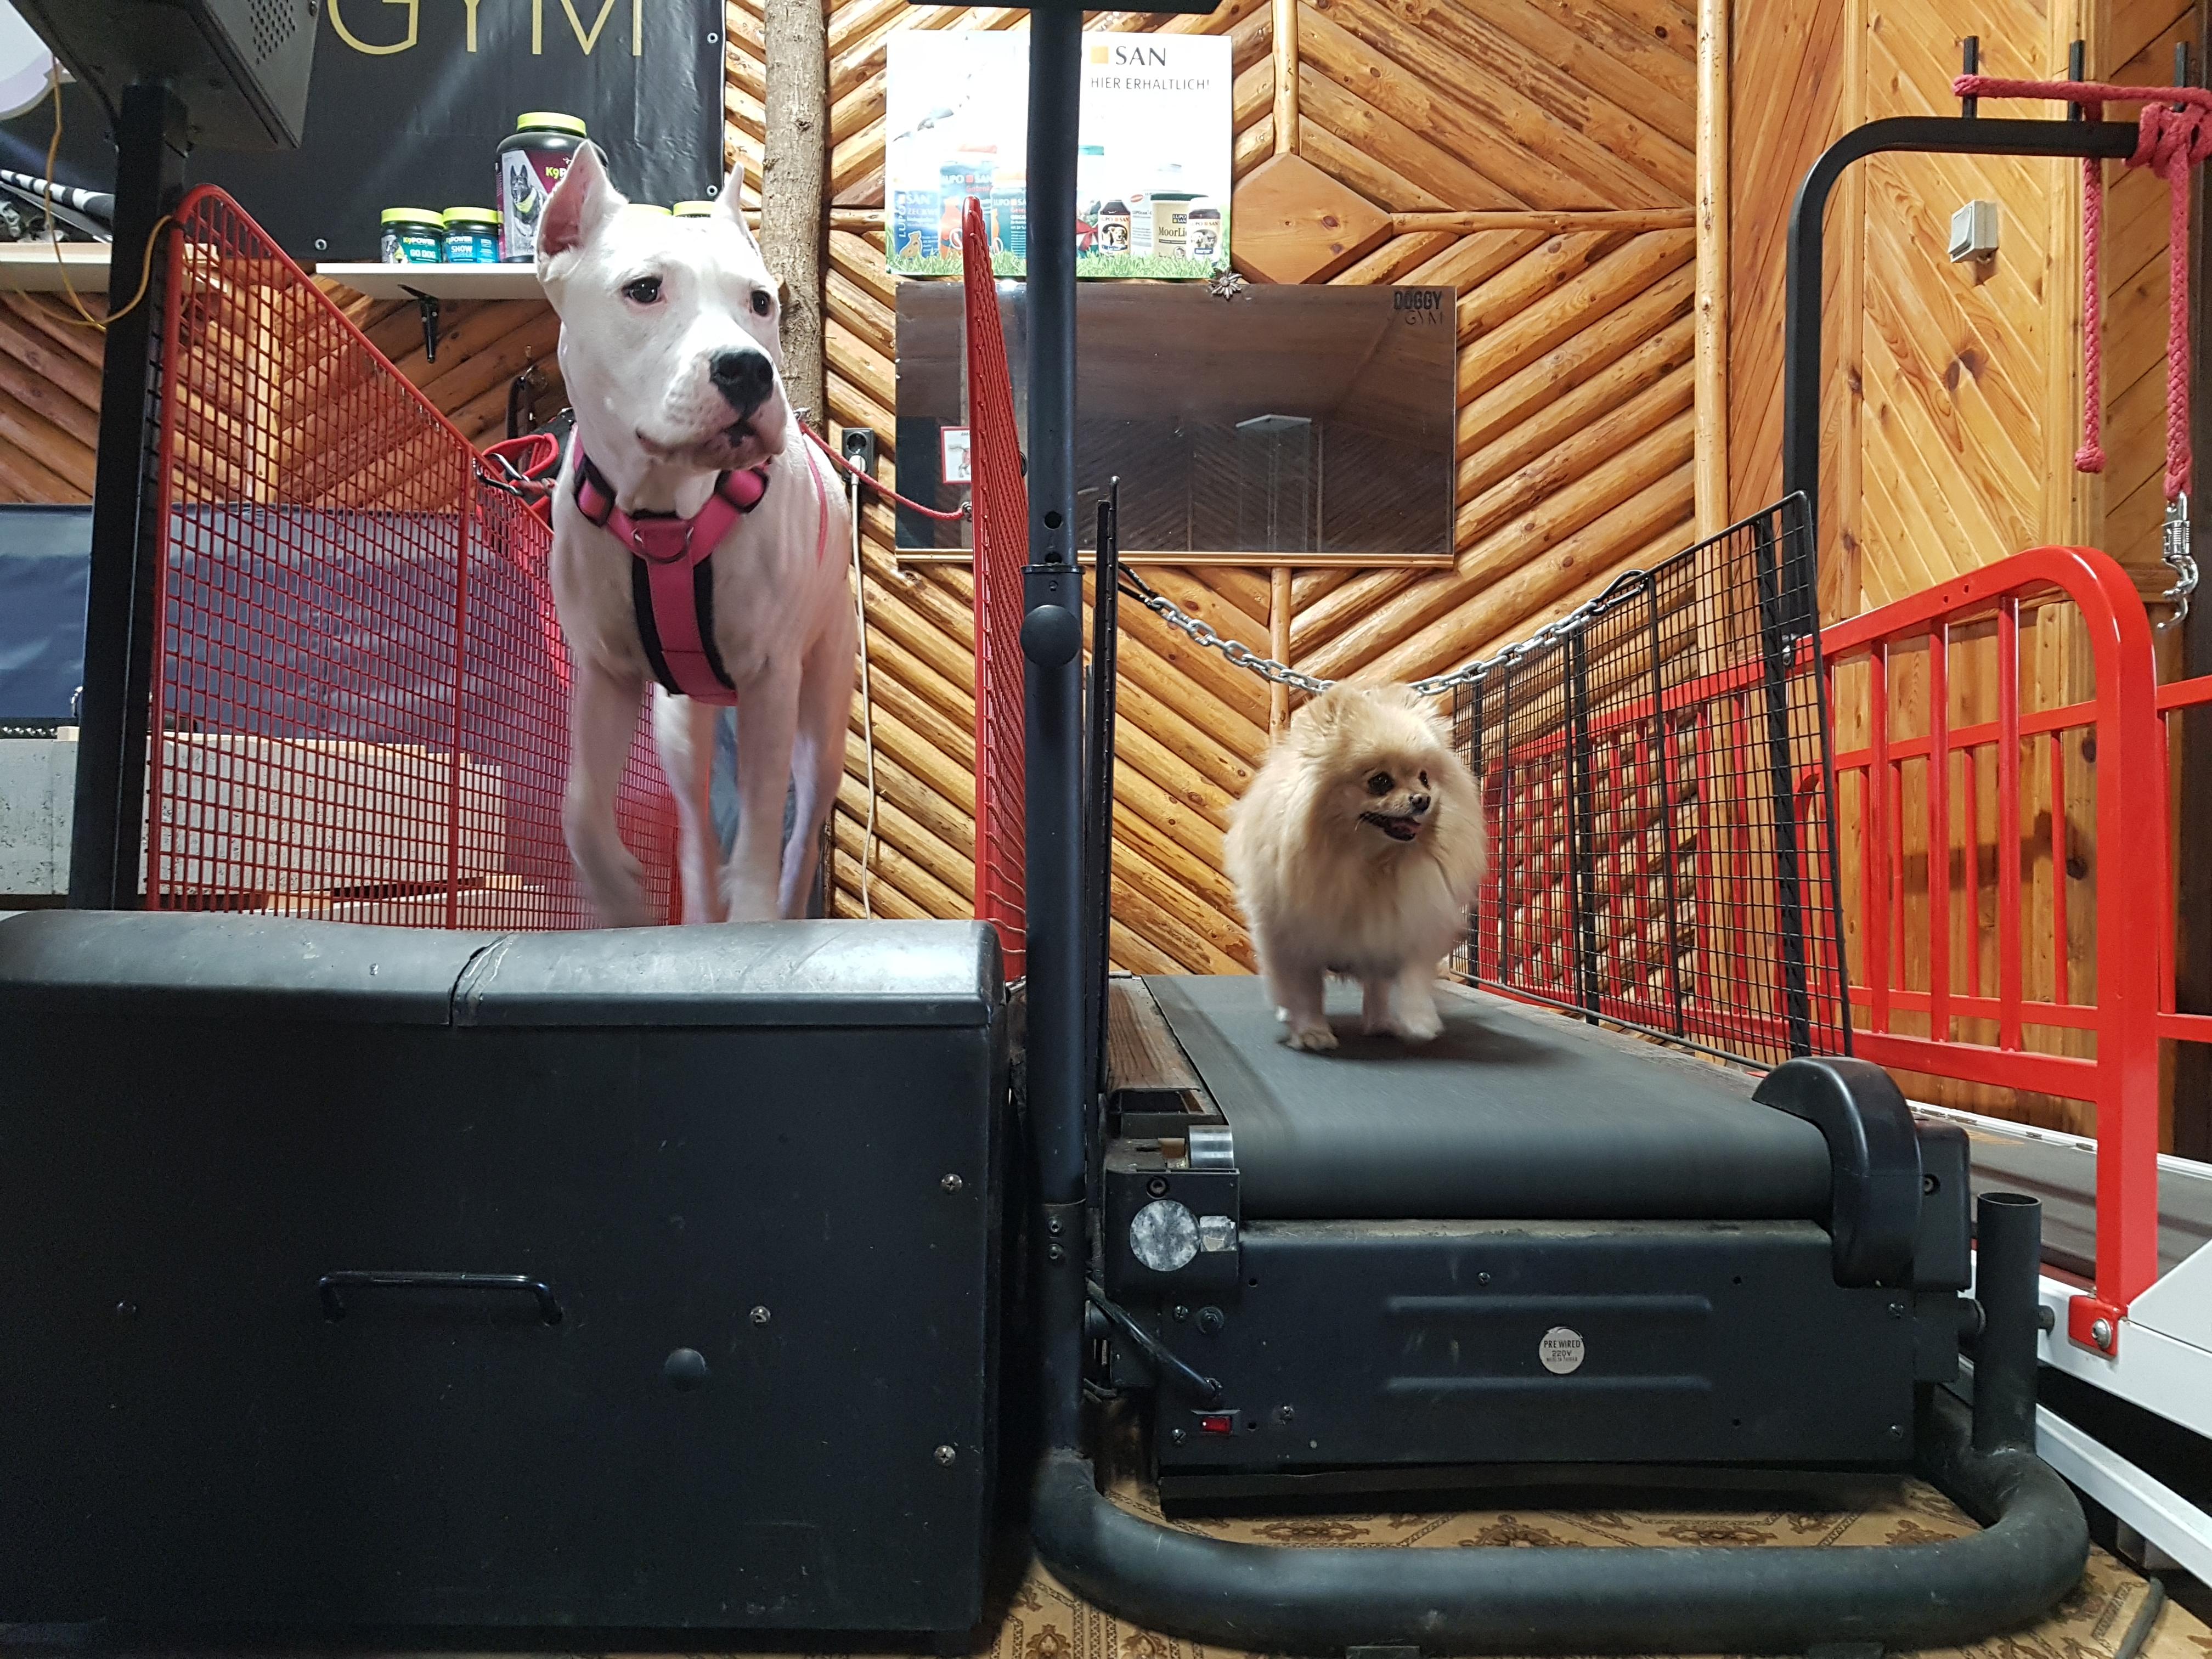 geriausi šunų prekybos rodikliai pinigus kaip internete